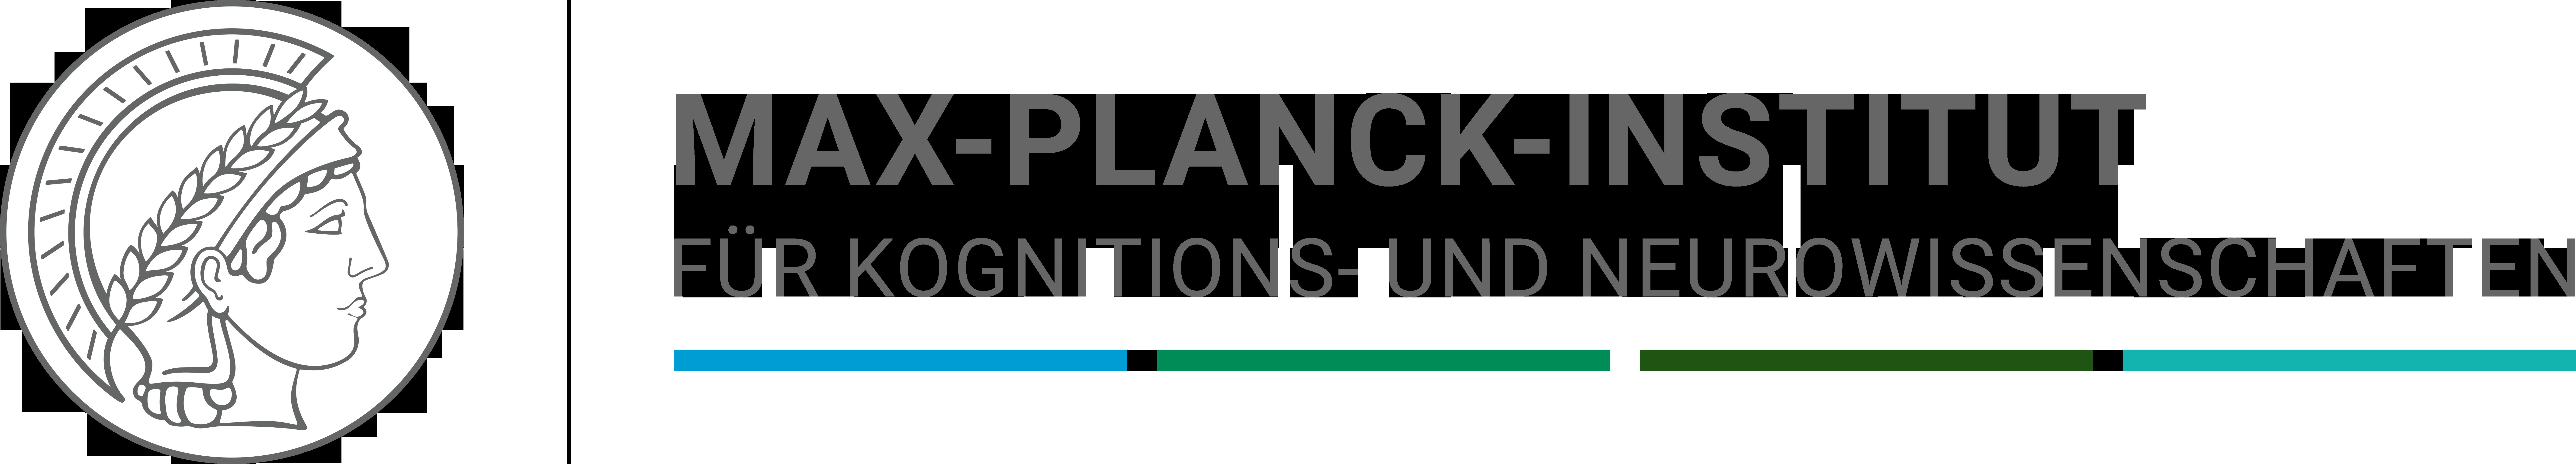 Logo MPI für Kognitions- und Neurowissenschaften